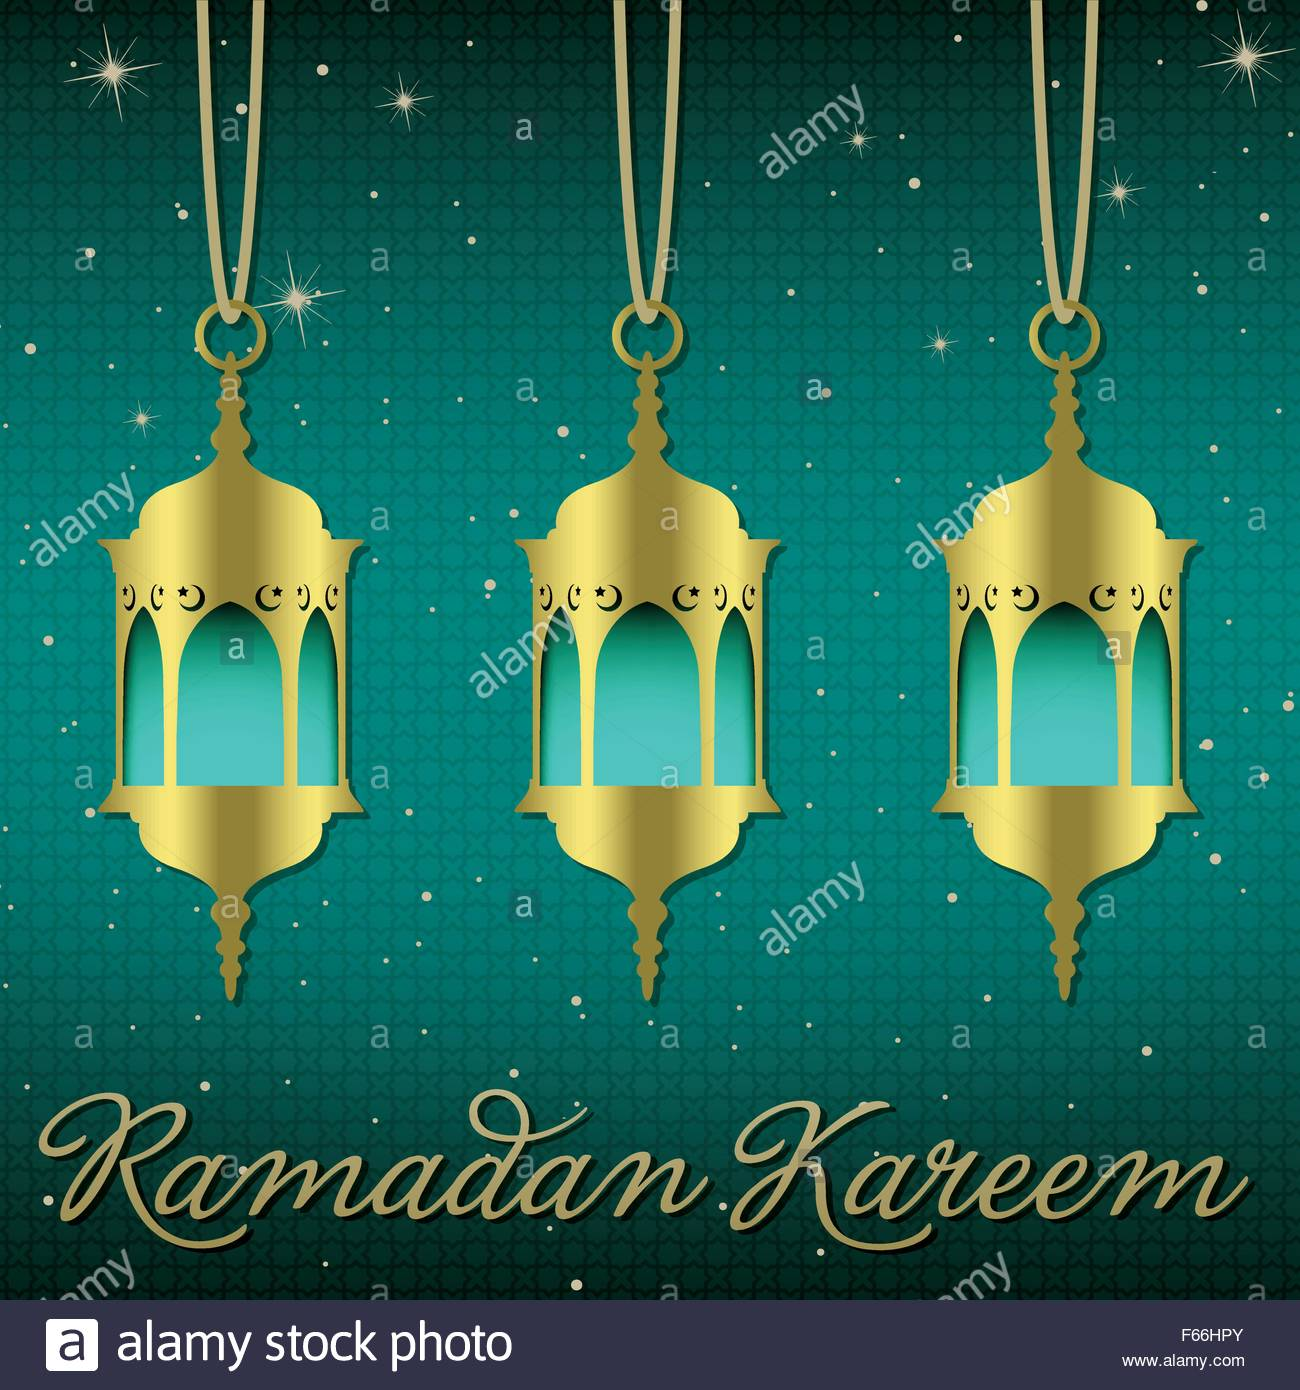 Ramadan Kareem 2018 Top 25 Ramadan Kareem Beautiful Greetings Cards